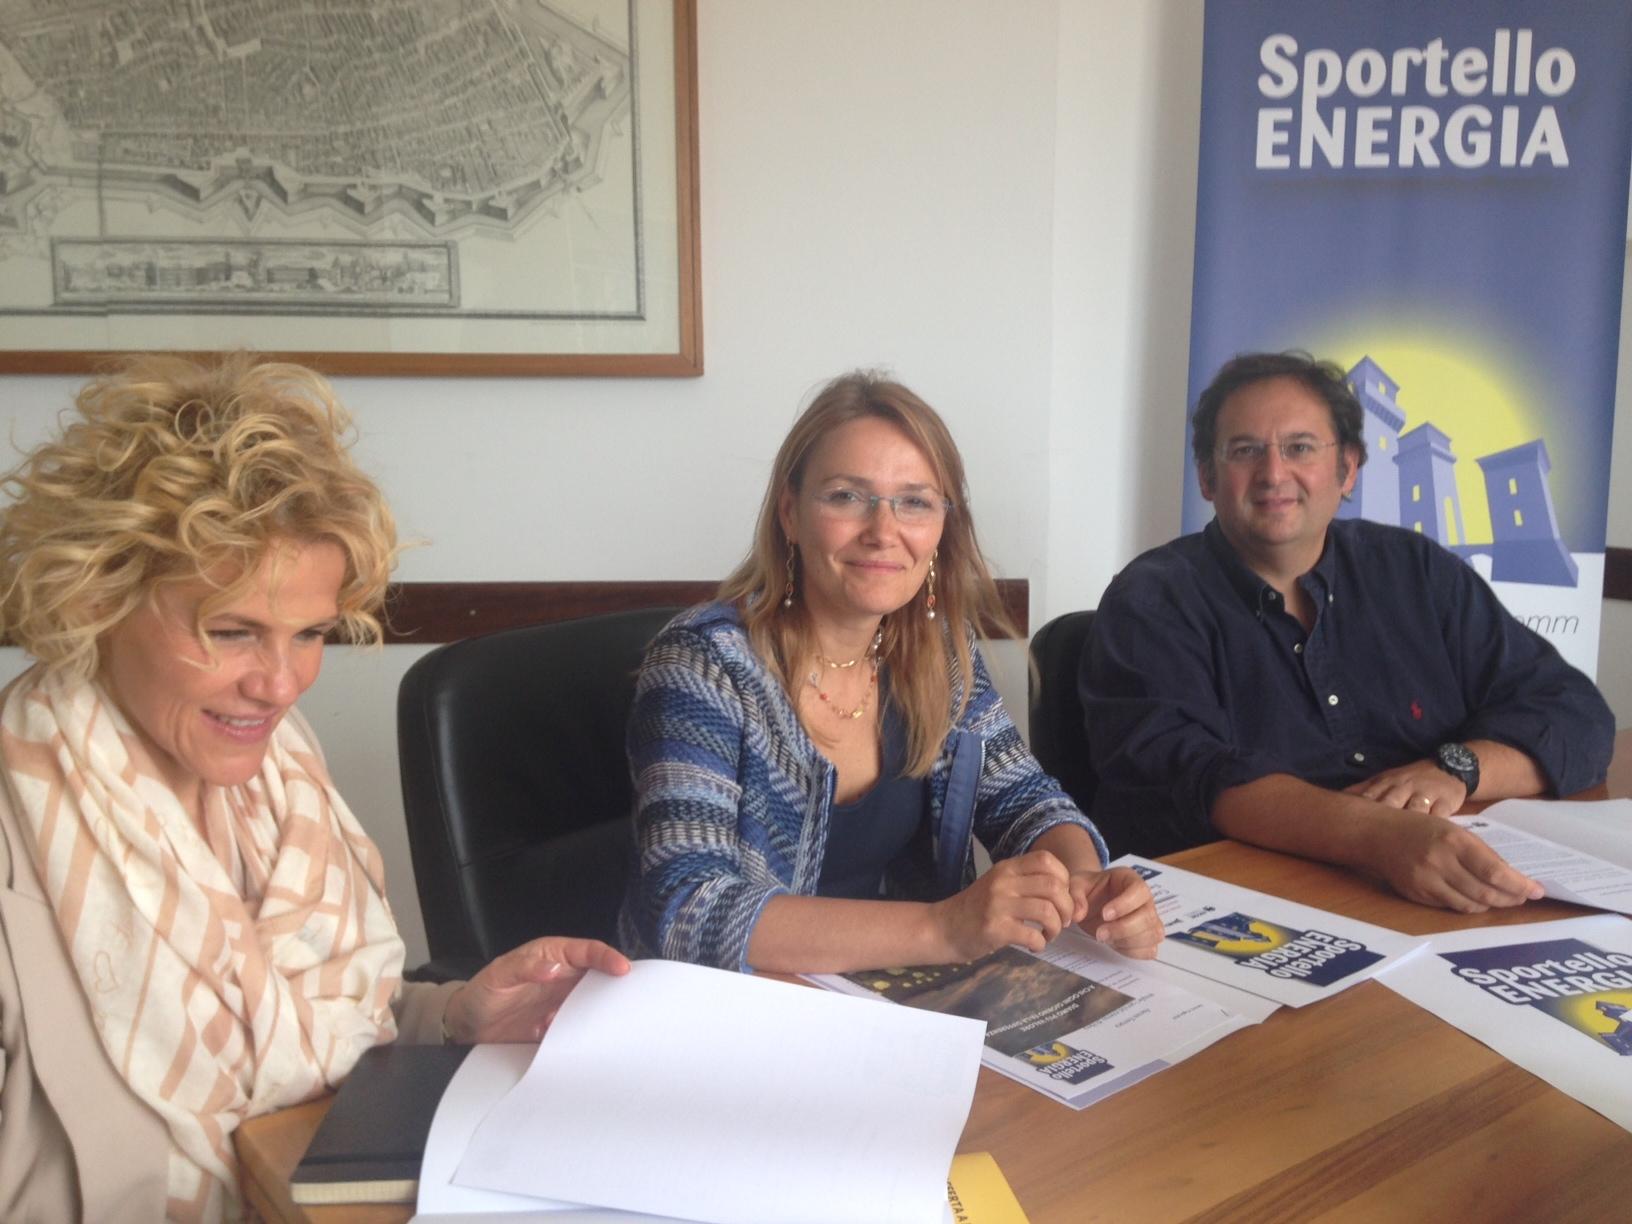 Ascom Ferrara sceglie i servizi energy di Hera